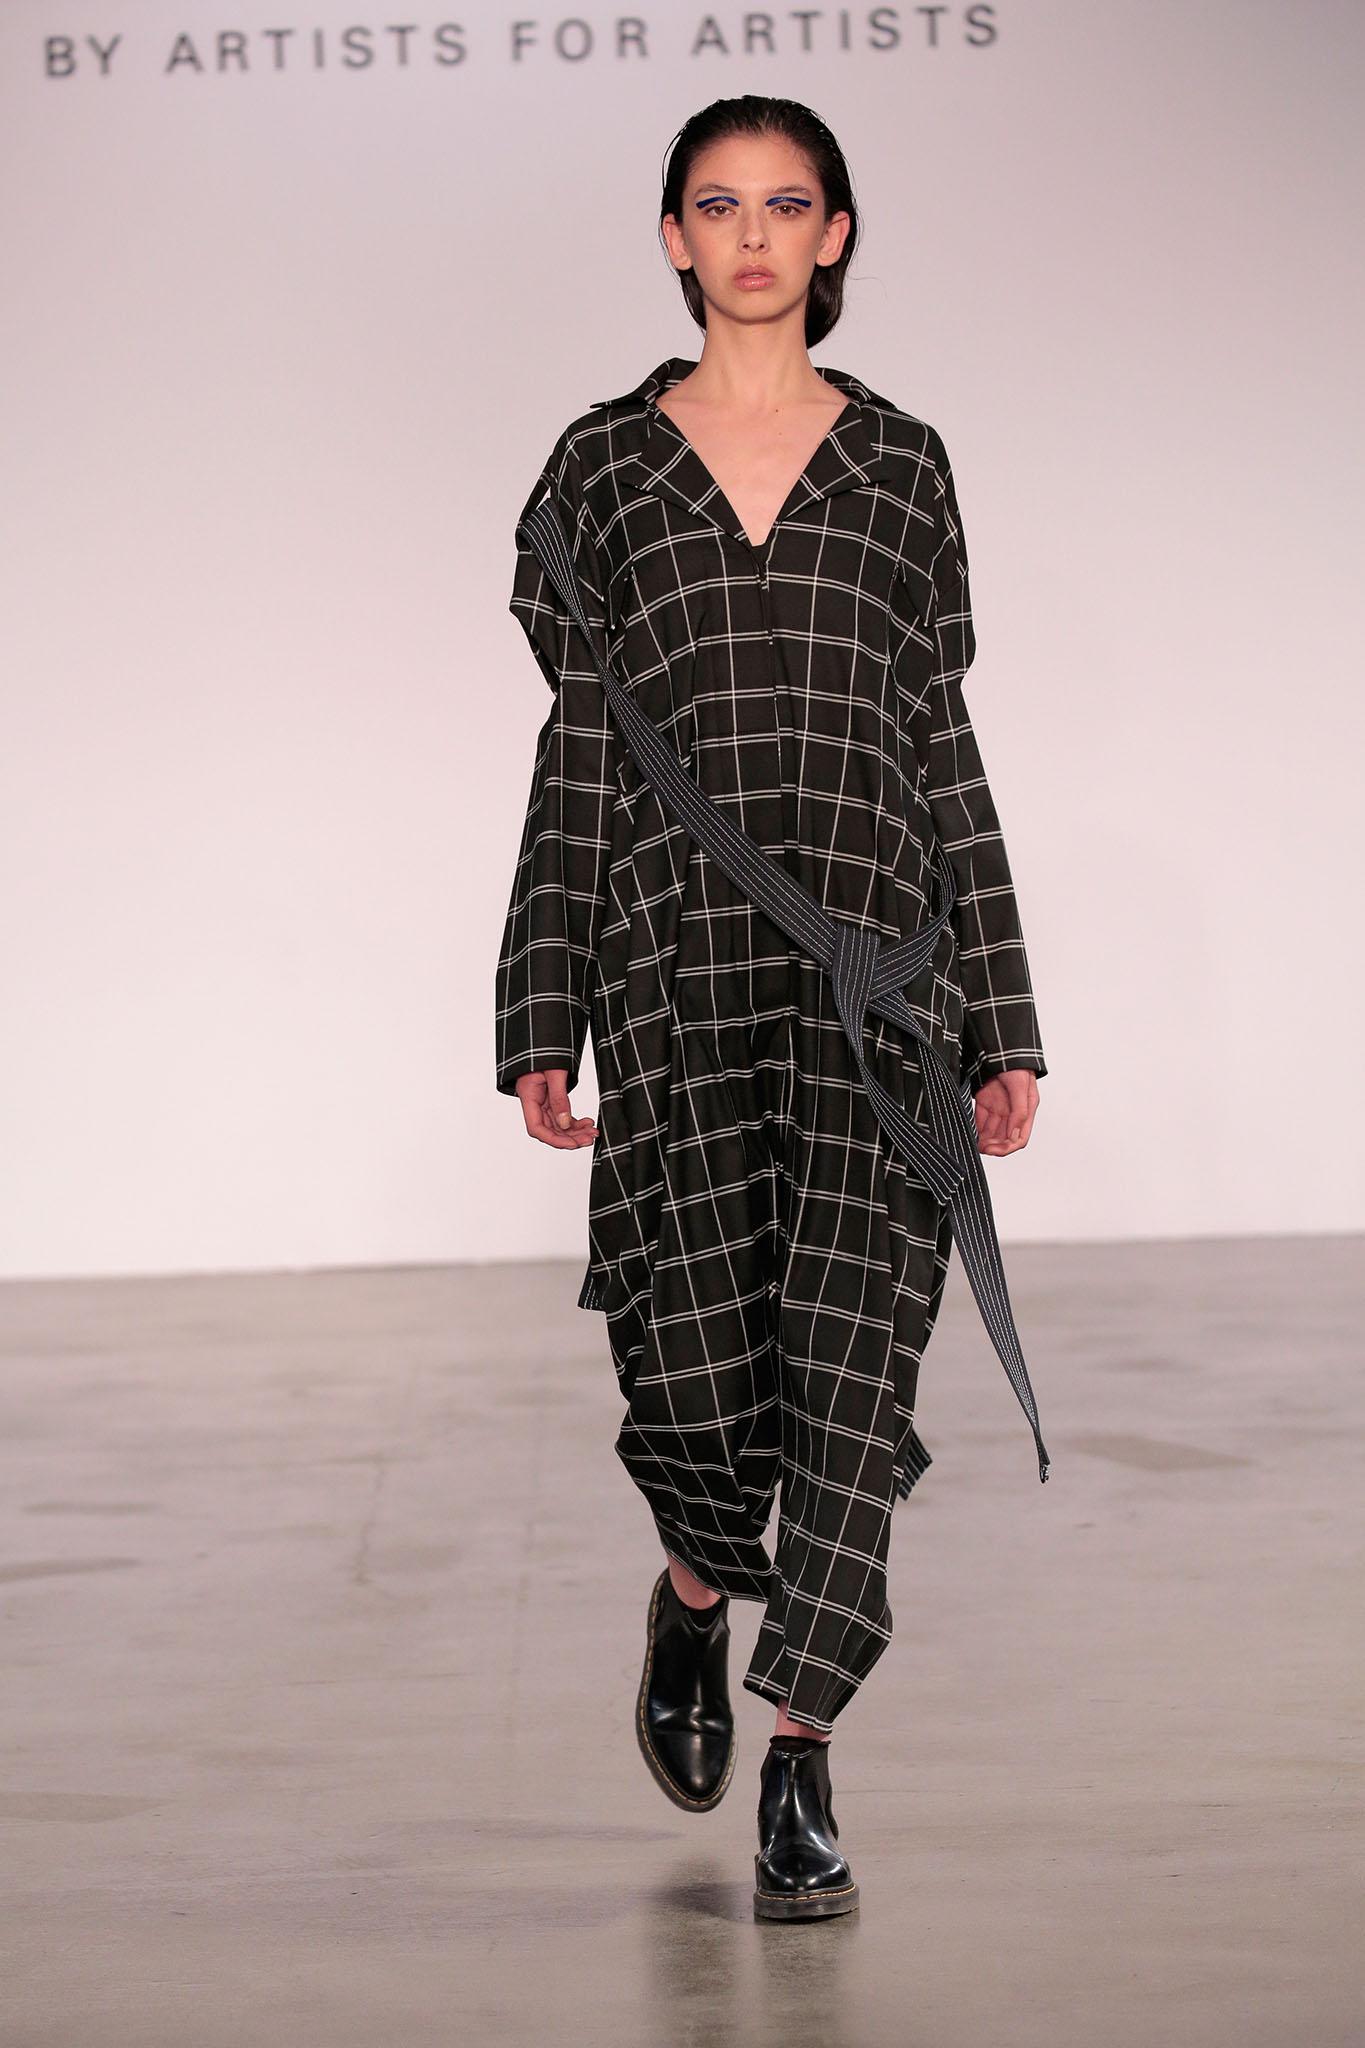 Vivian Cho, BFA Fashion Design